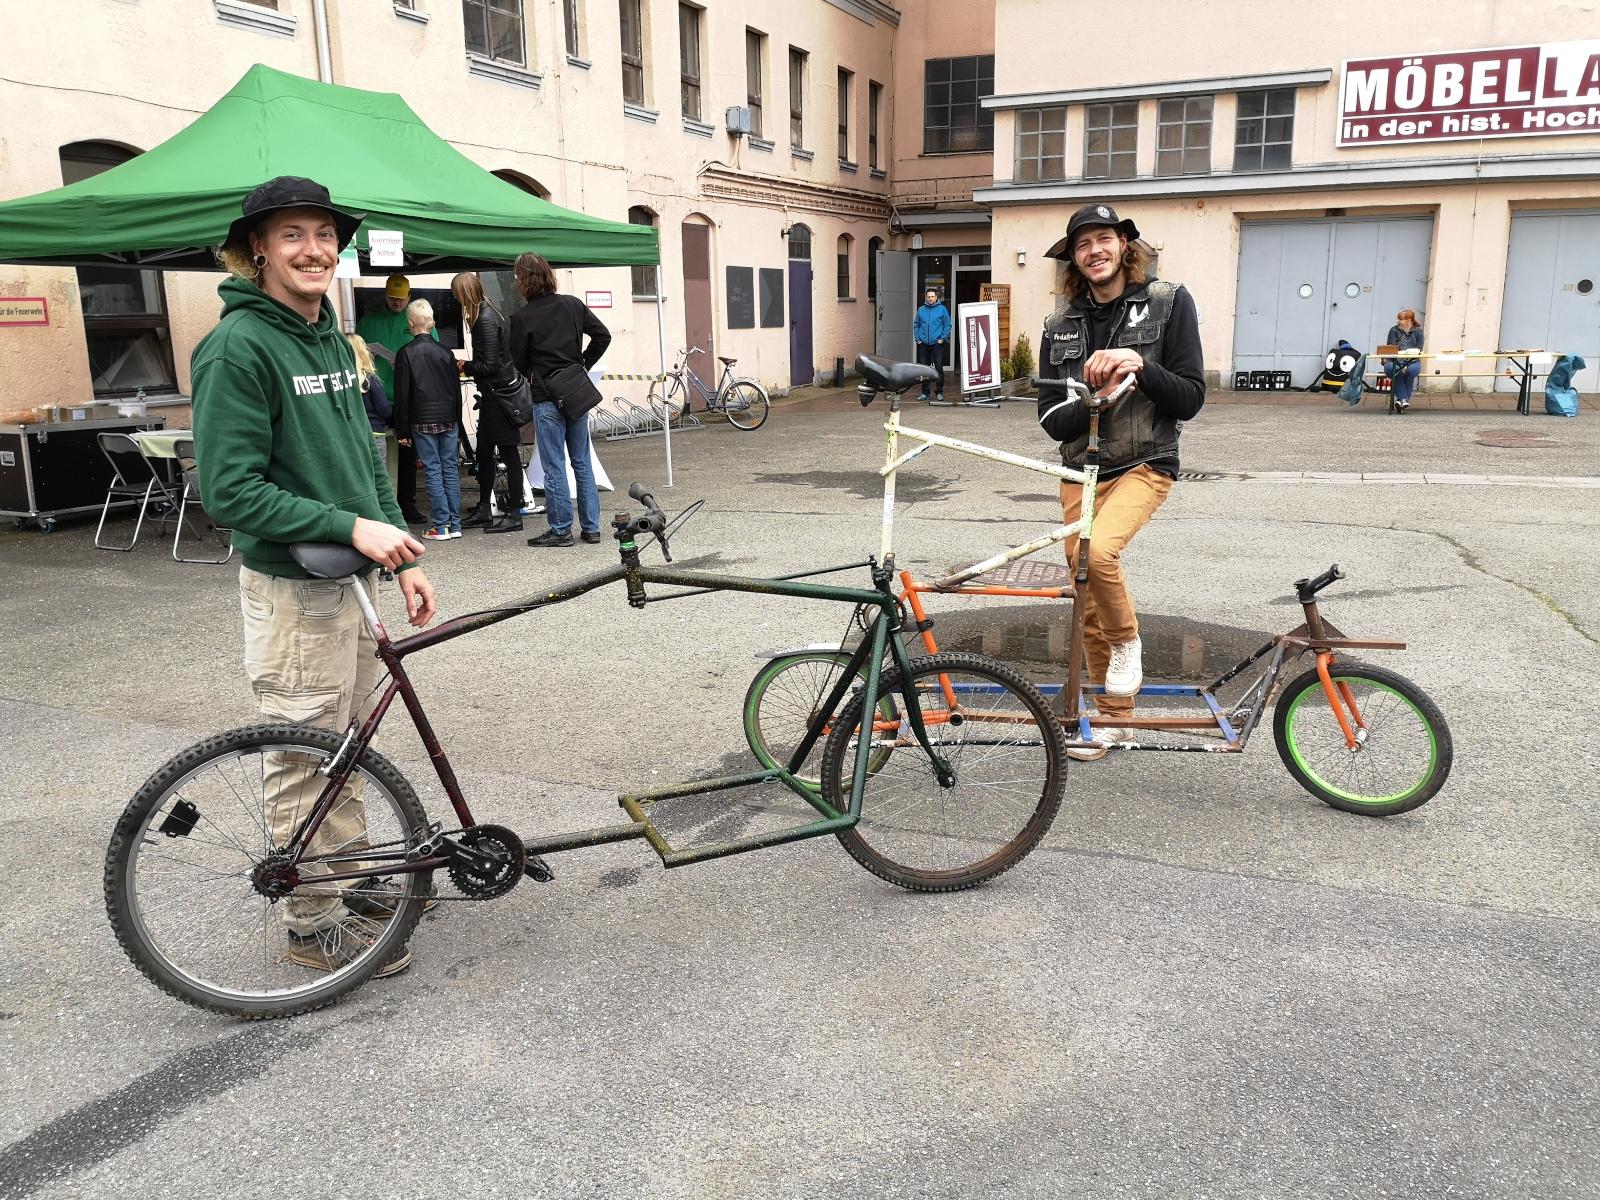 Zwei selbstgebaute Räder mit ihren Besitzern